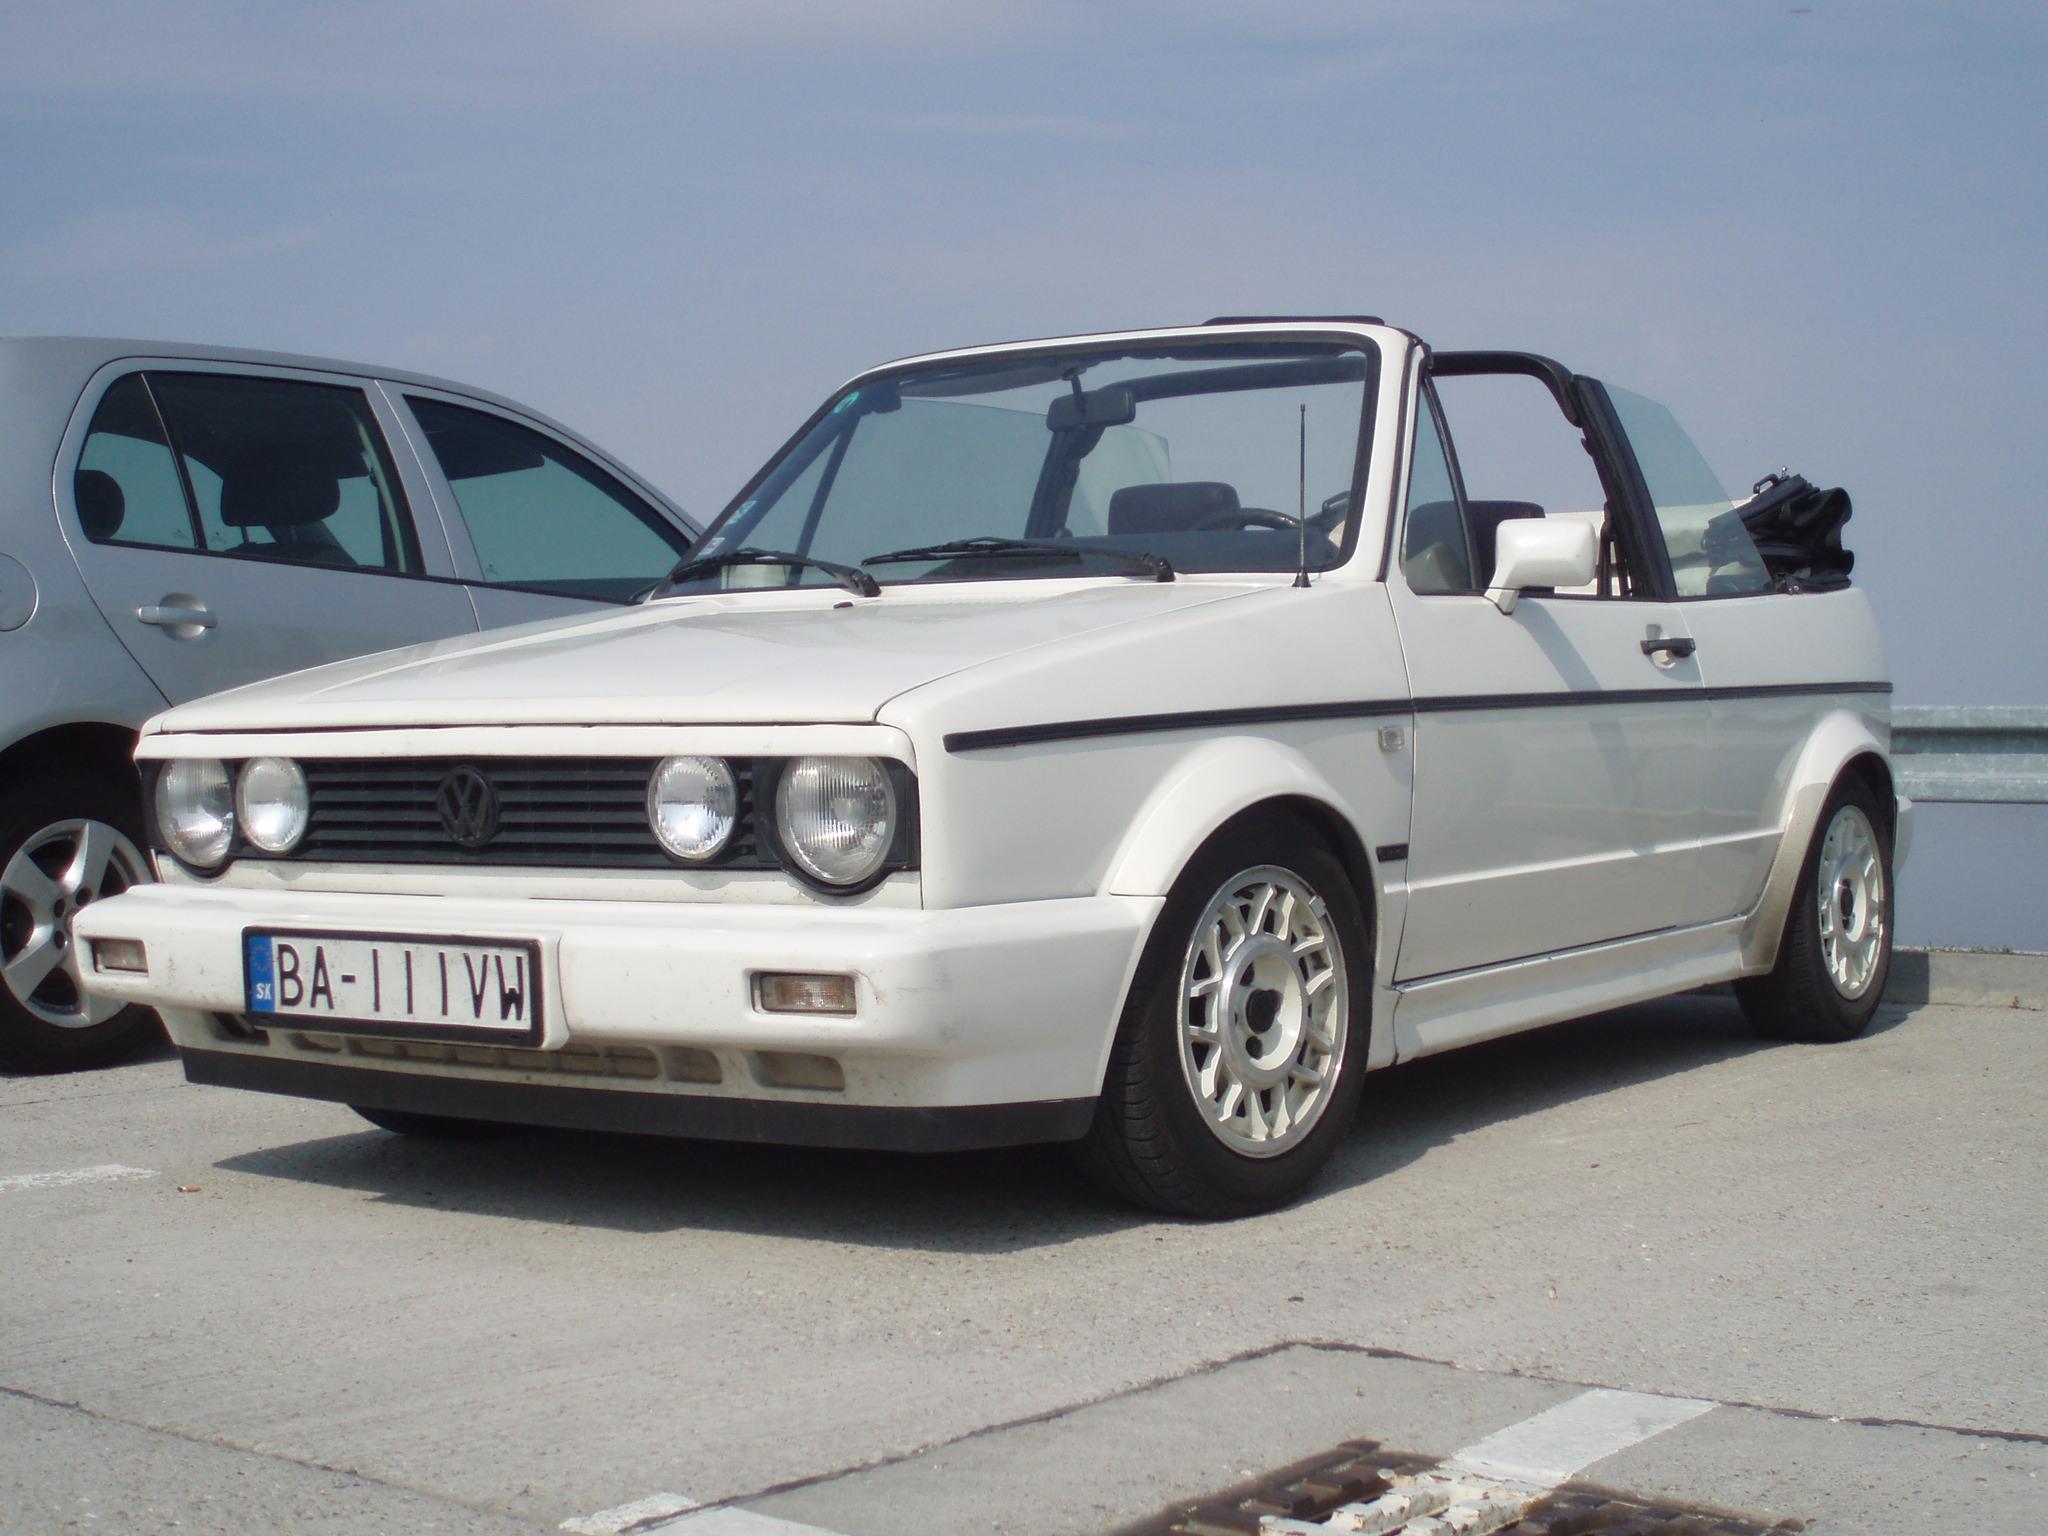 VW Golf MK1 cabrio (Luka)